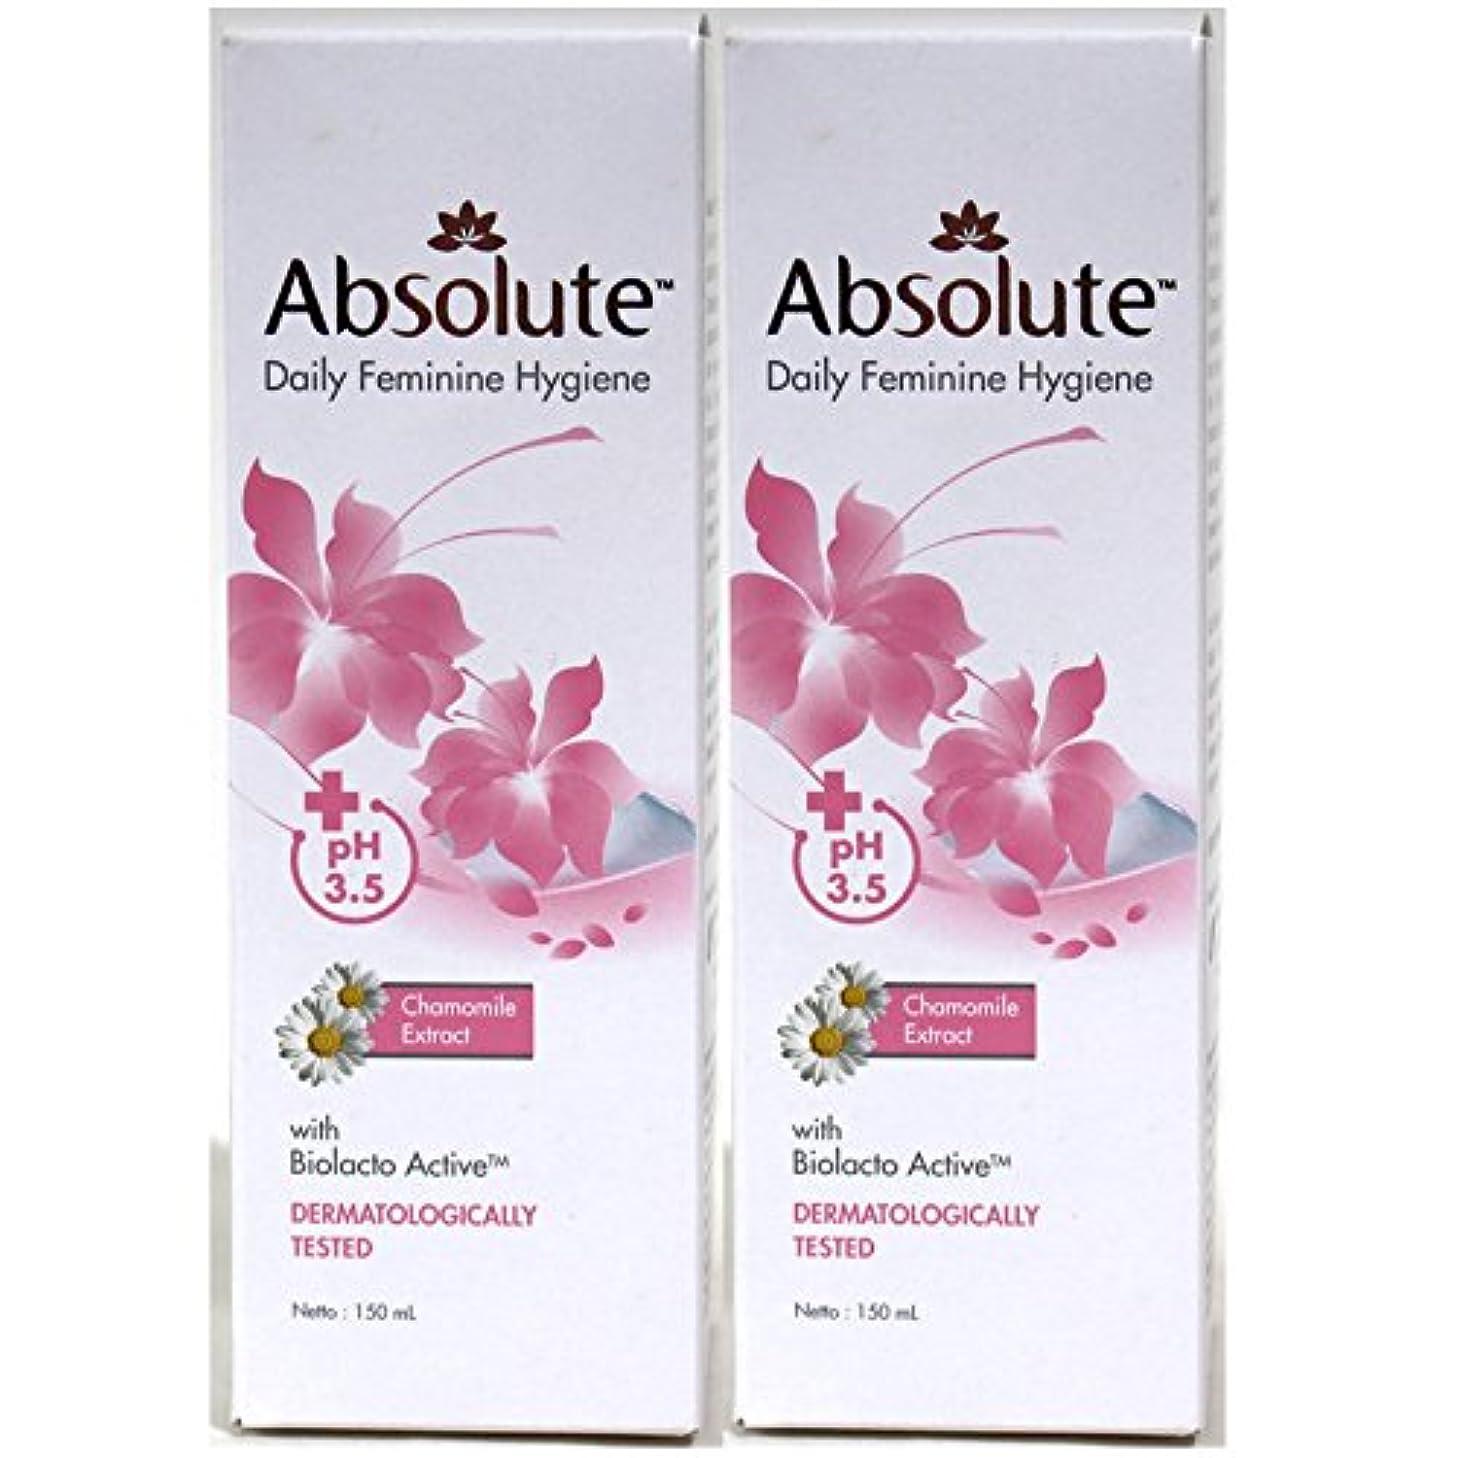 平和な送信するエンコミウムAbsolute(アブソリュート)女性用液体ソープ 150ml 2本セット[並行輸入品][海外直送品]